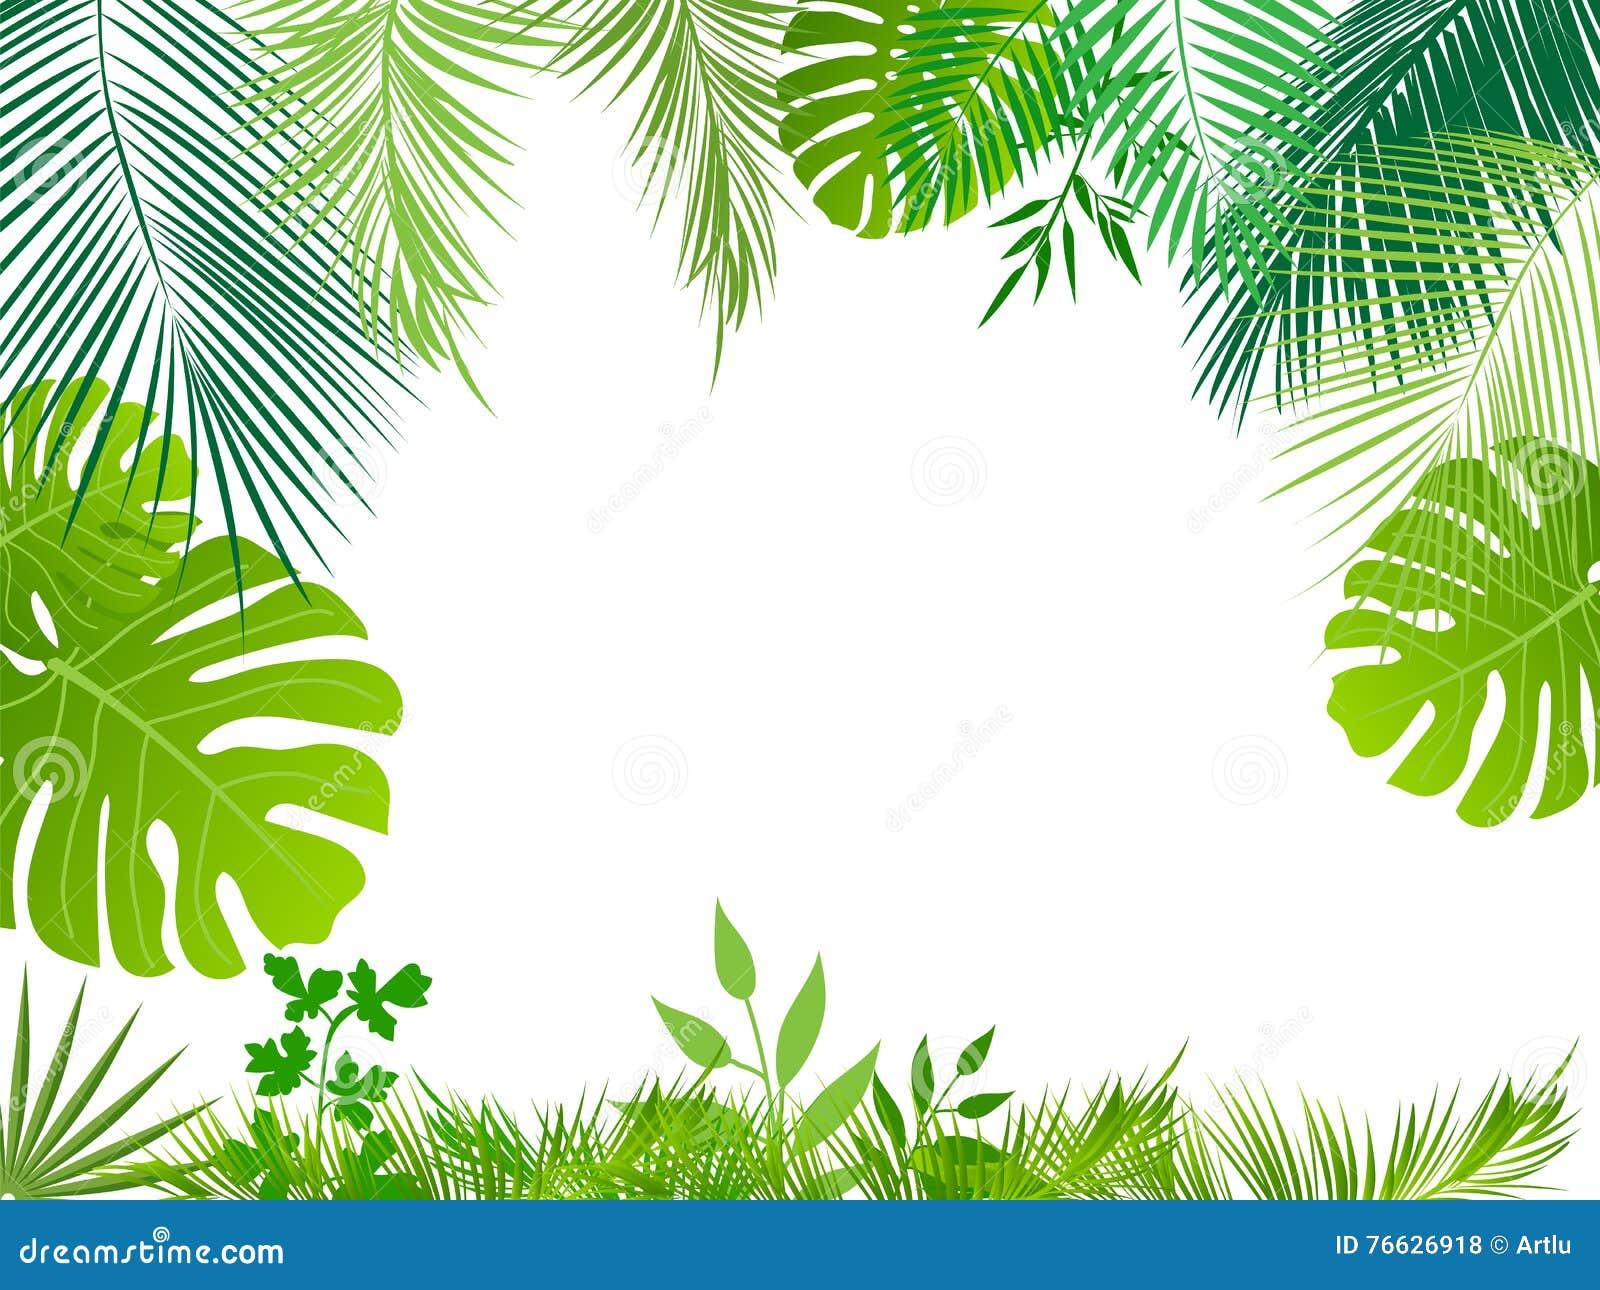 Fondo De Pantalla Selva: Fondo Tropical De La Selva Del Vector Ilustración Del